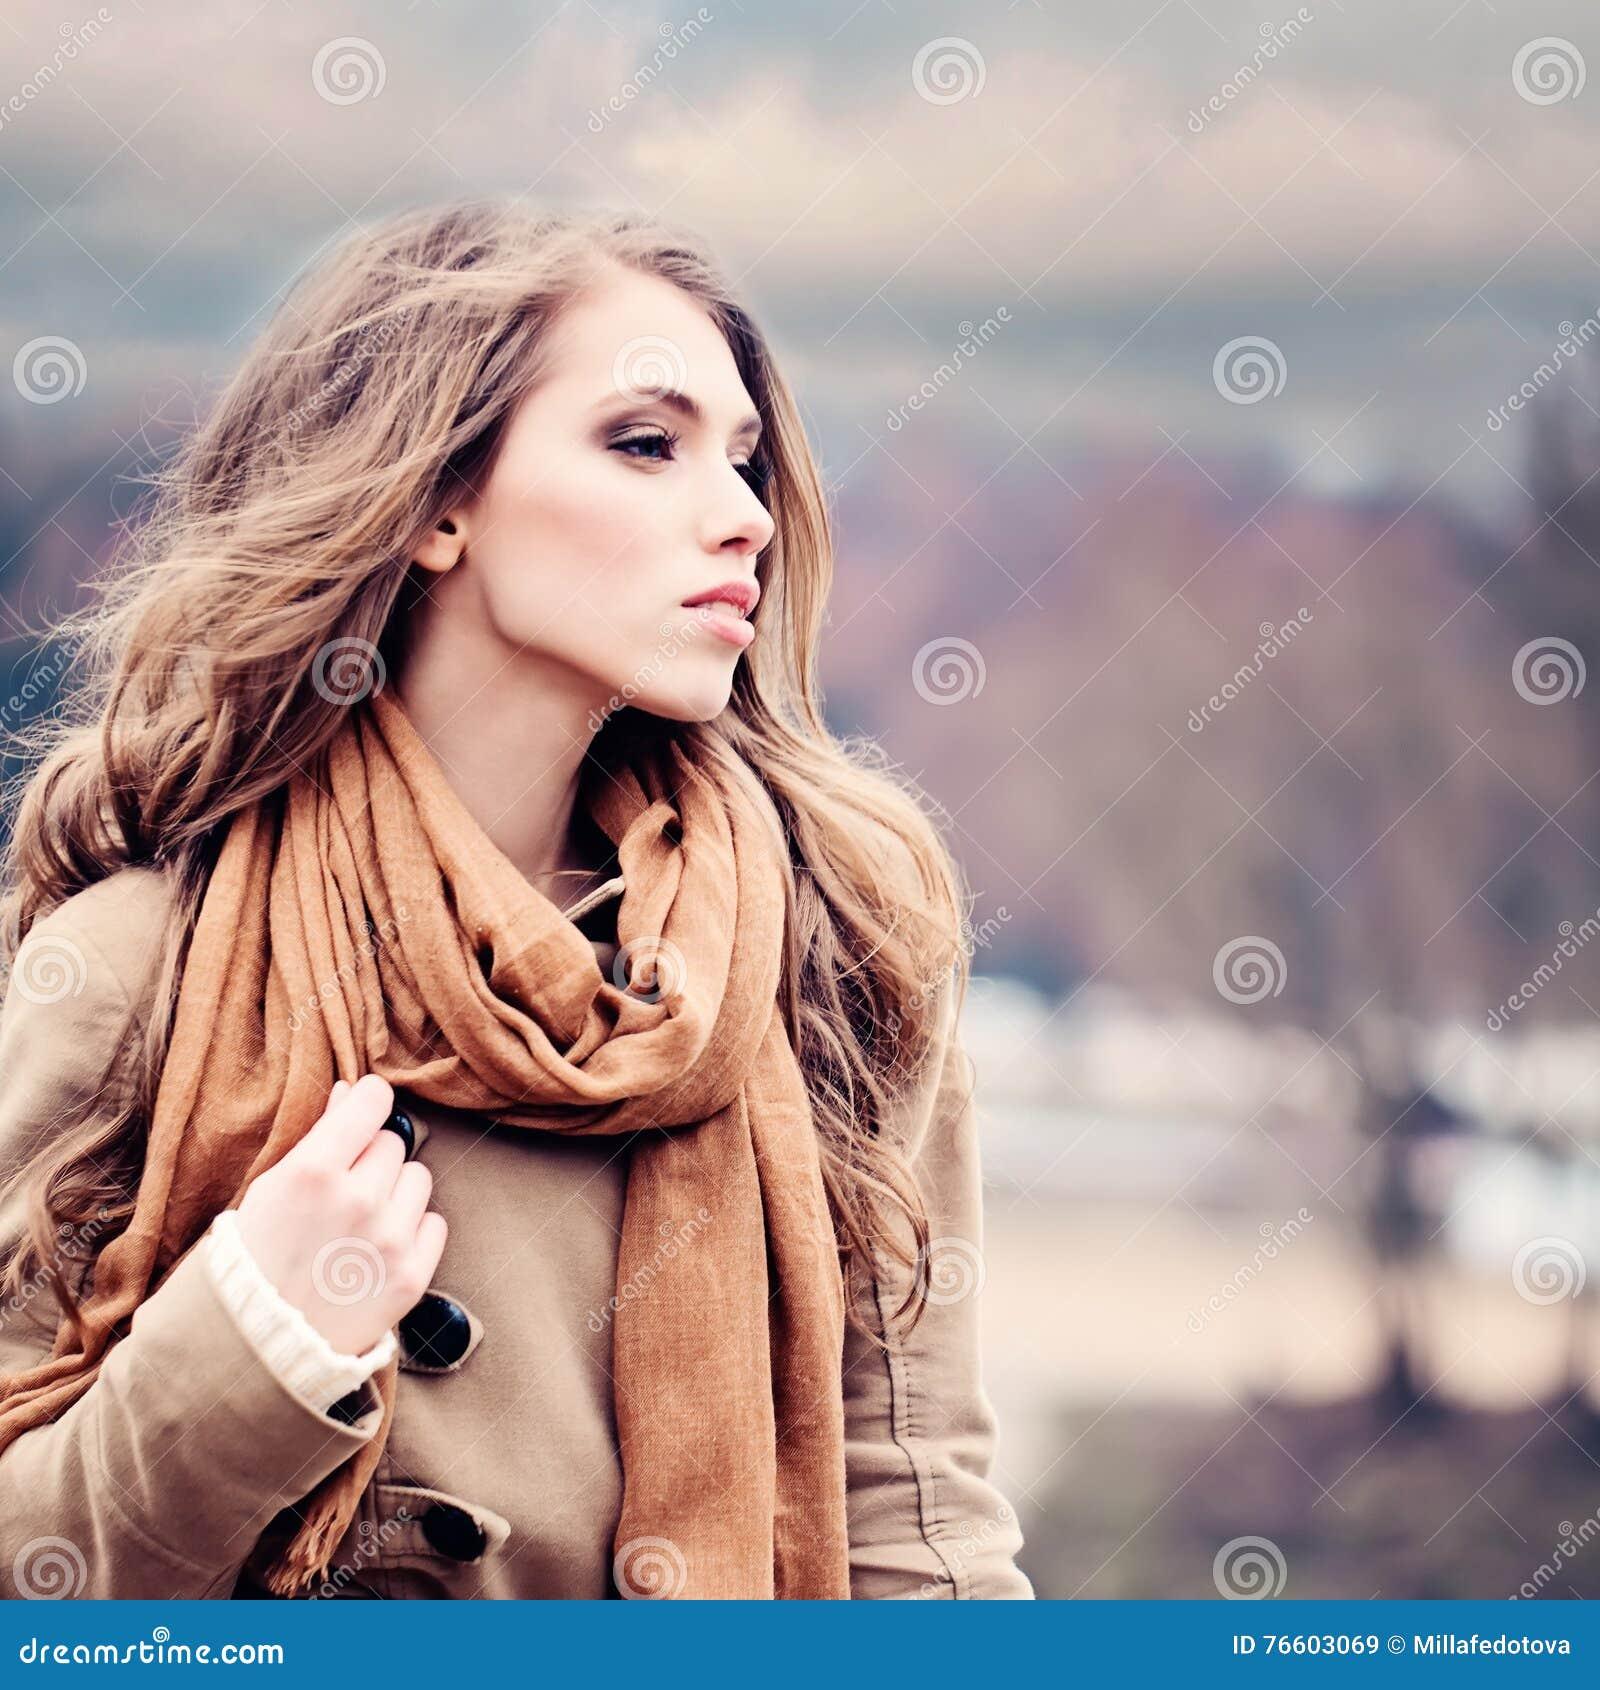 Modelo de forma Woman Outdoors